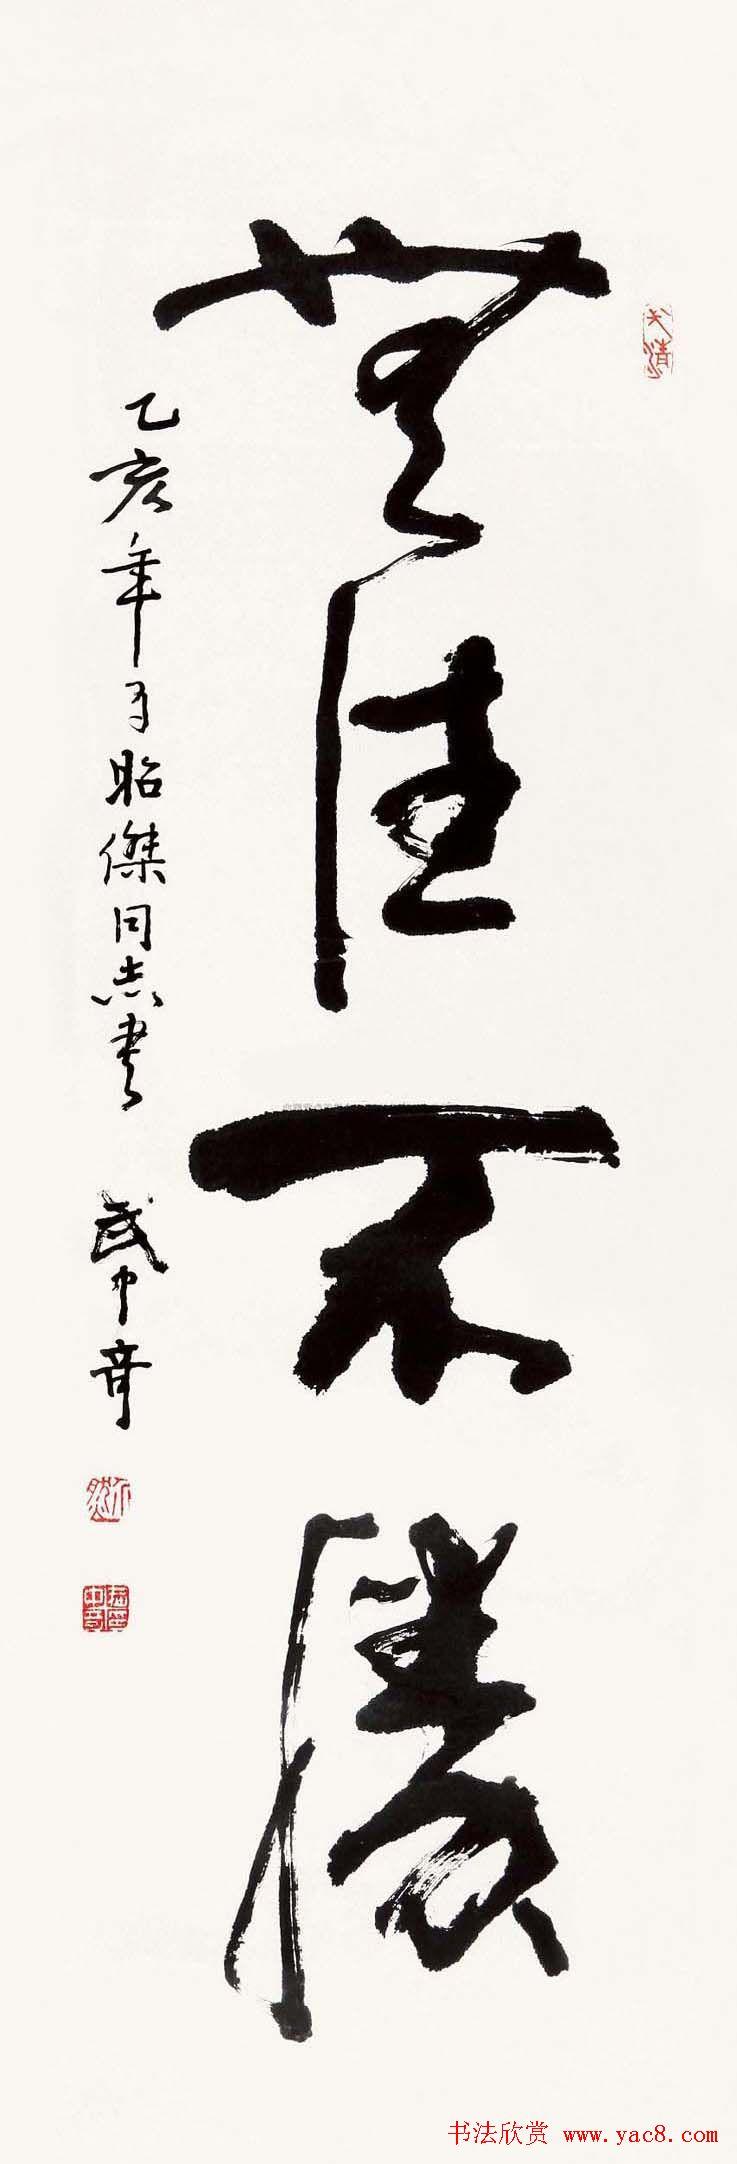 武中奇毛笔书法作品展示专辑 第4页 毛笔书法 书法欣赏图片